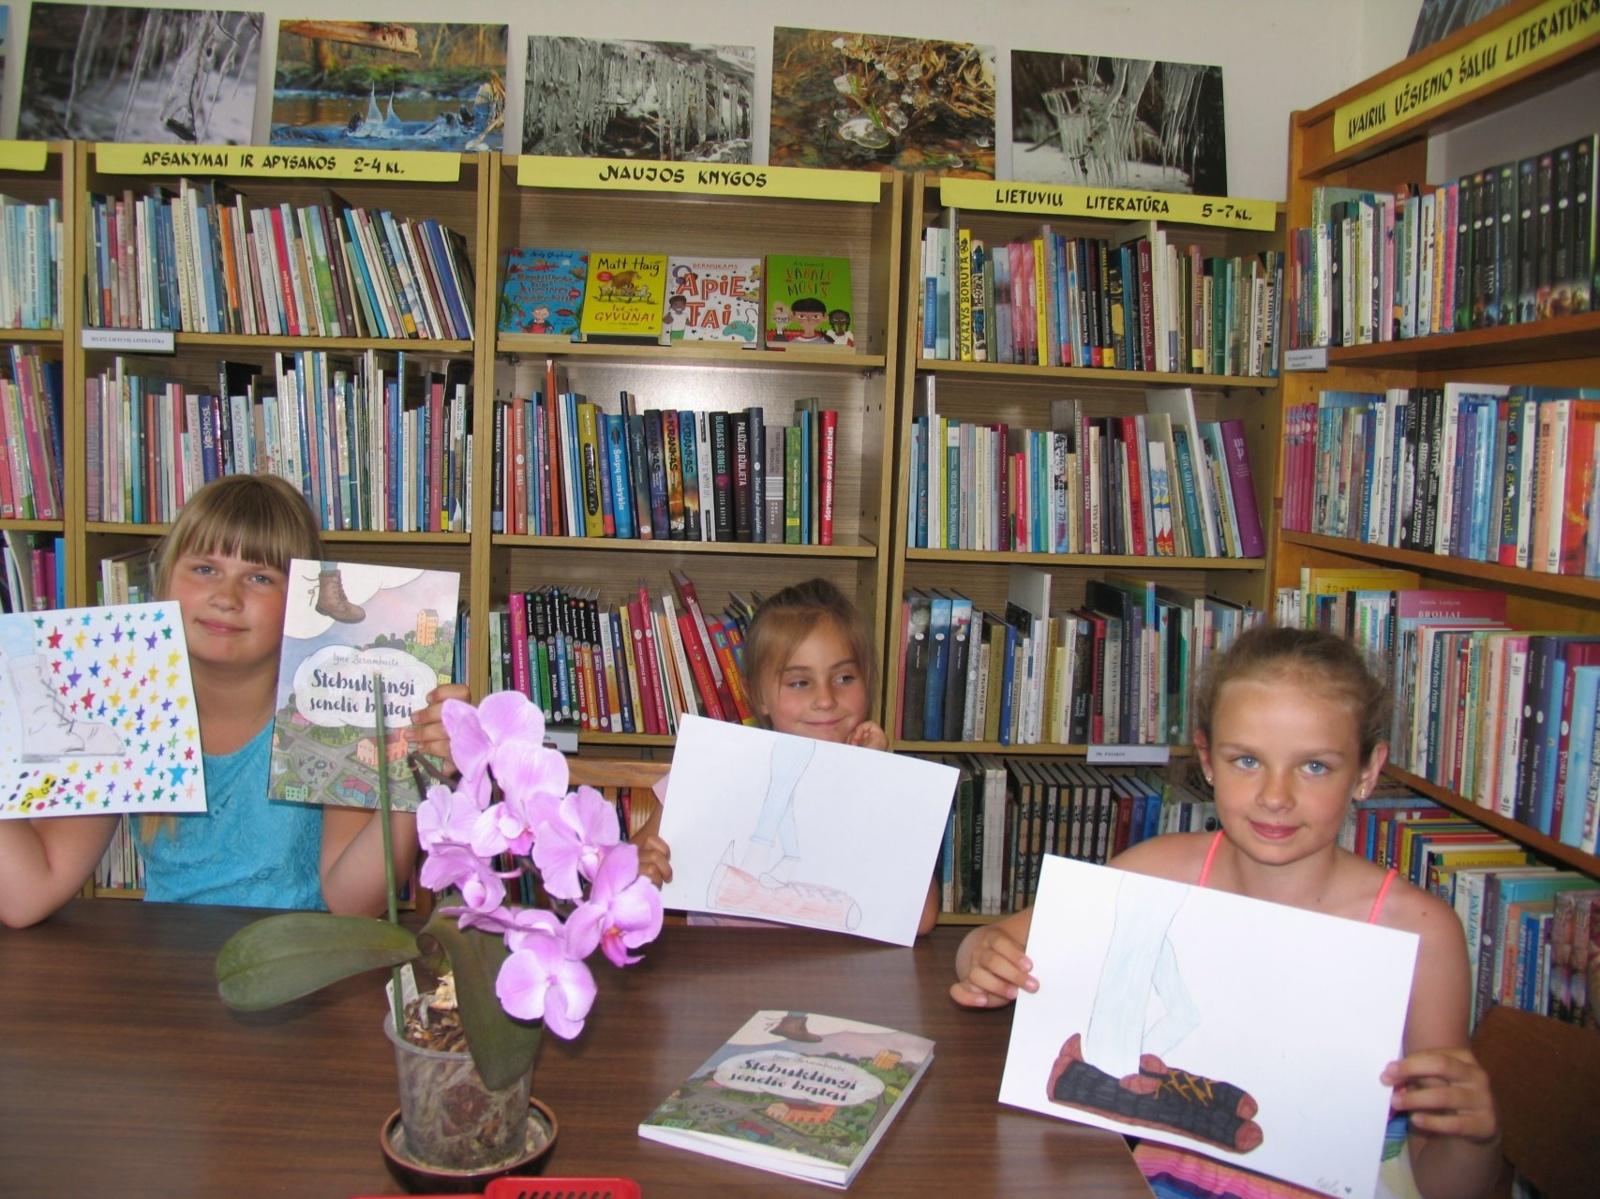 Vasaros skaitymai Tiltų bibliotekoje